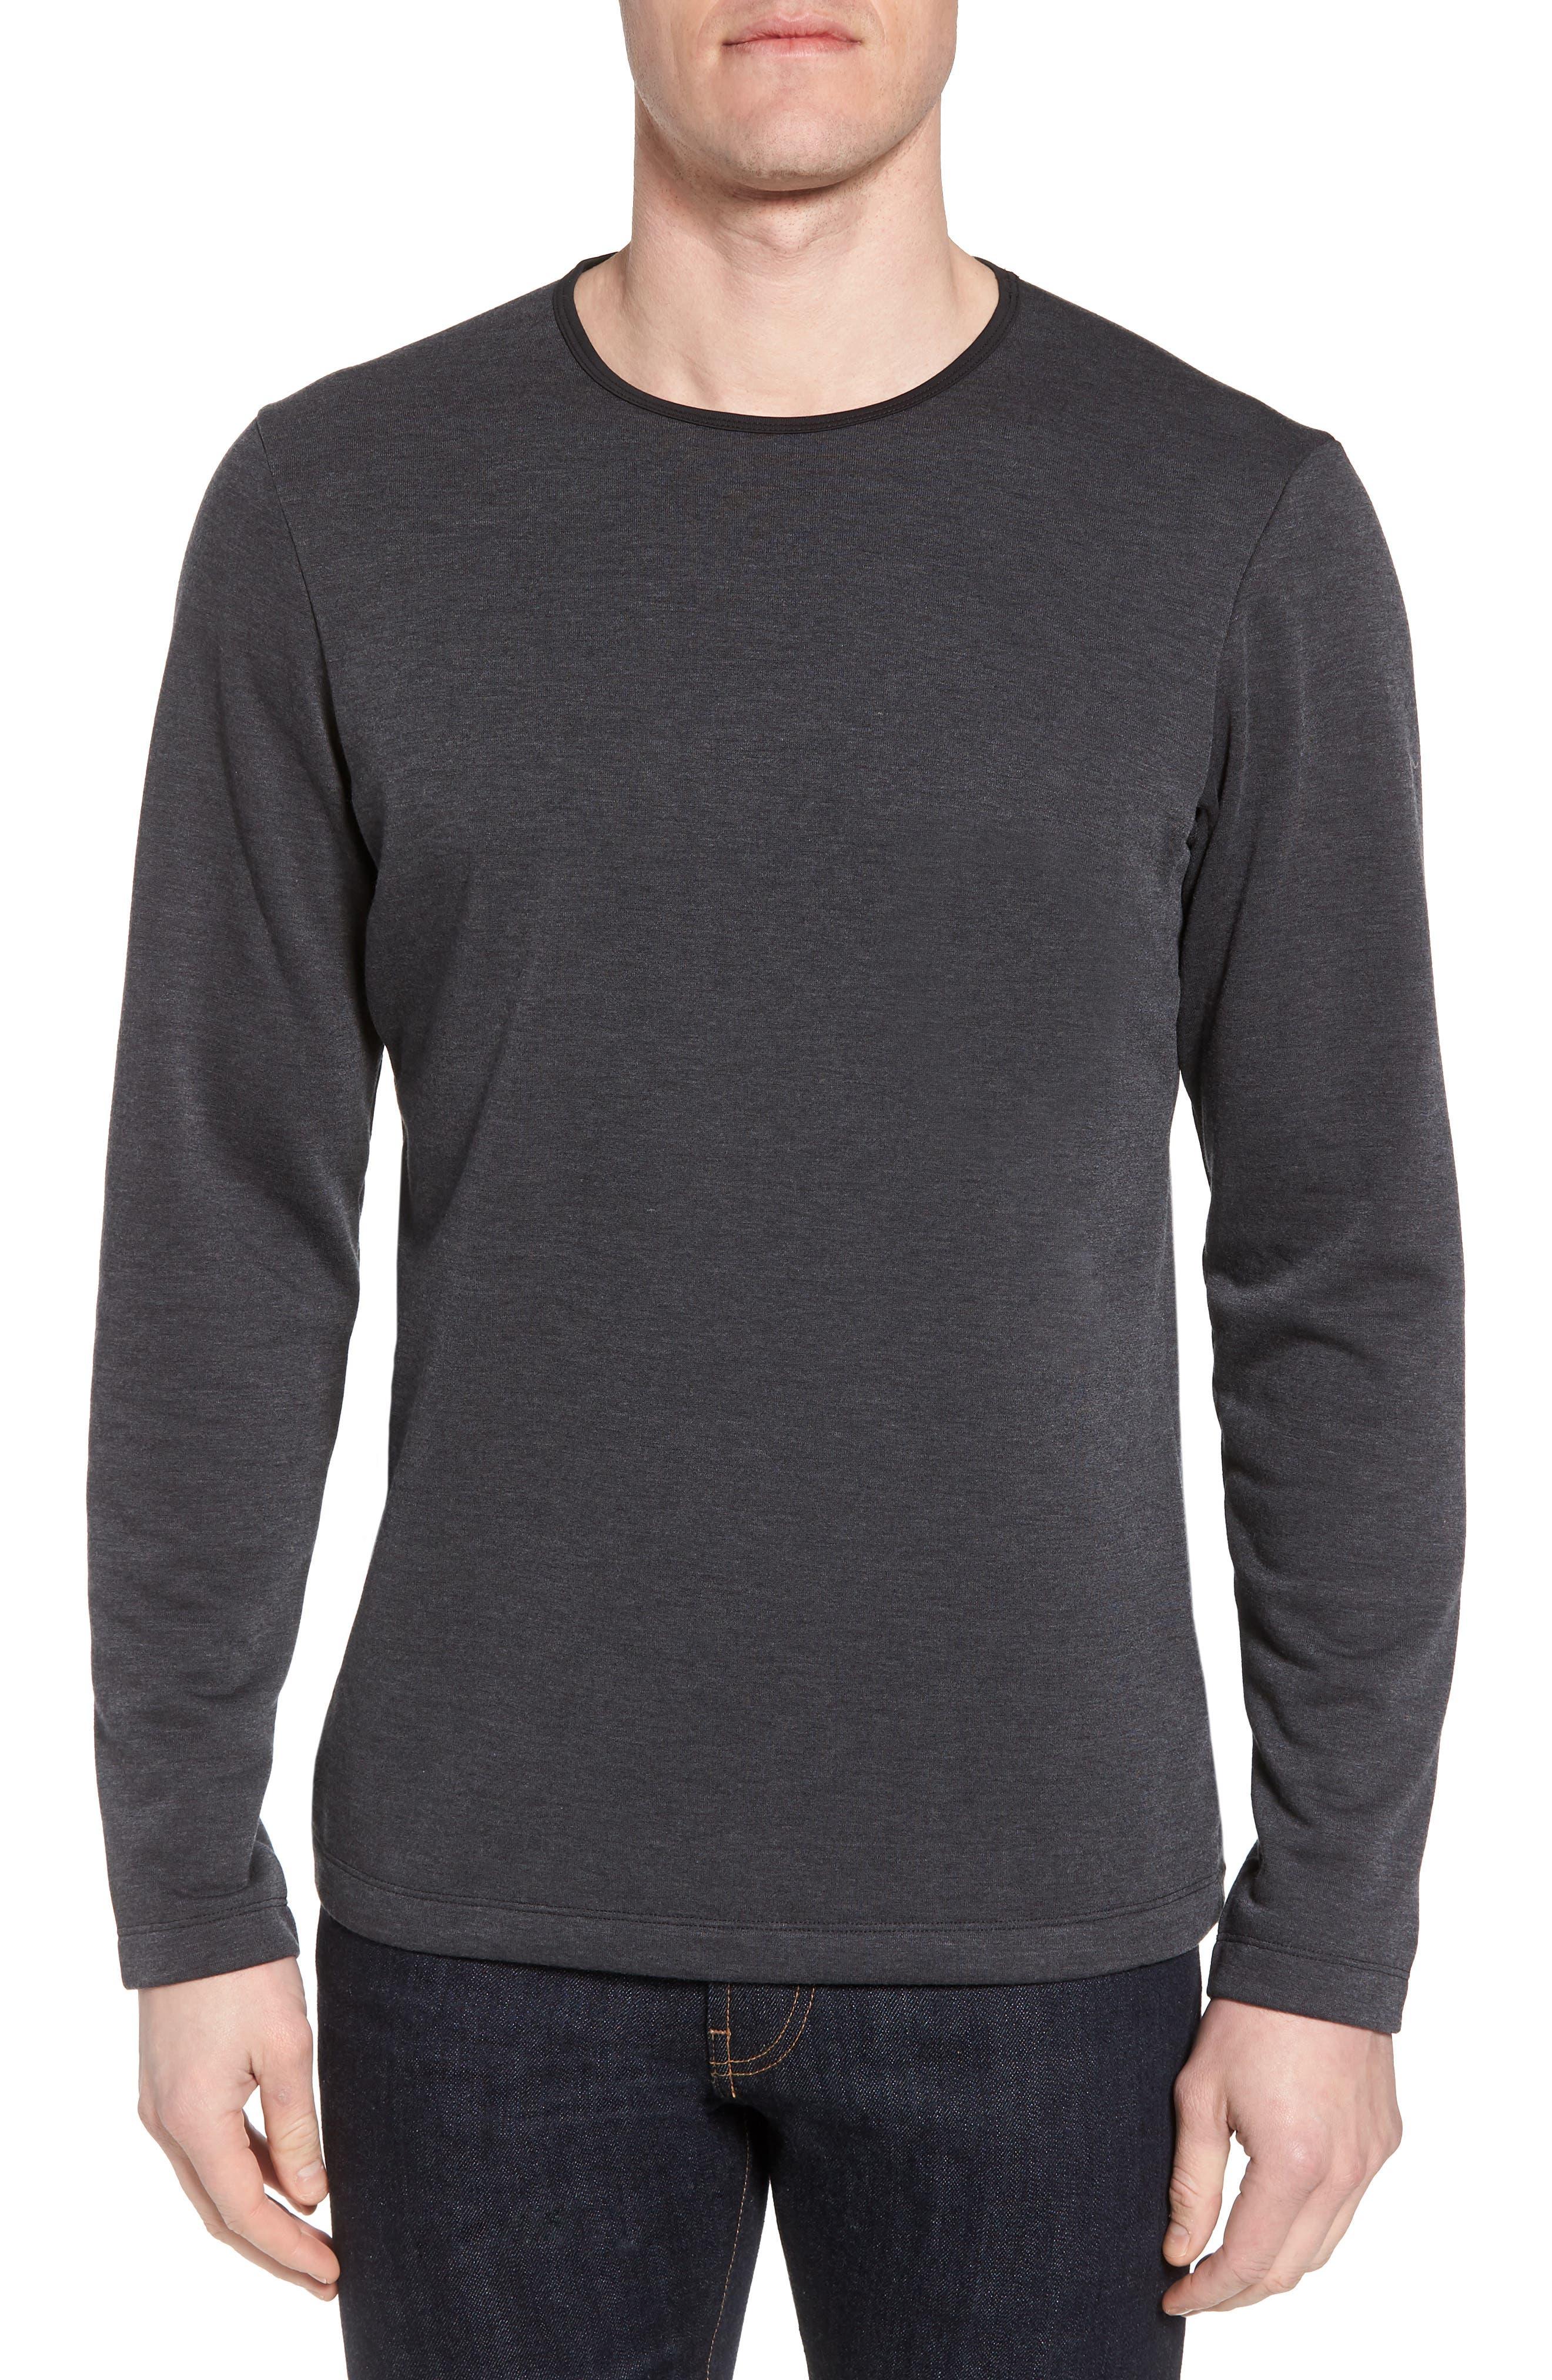 Dallen Sweatshirt,                             Main thumbnail 1, color,                             Pilot